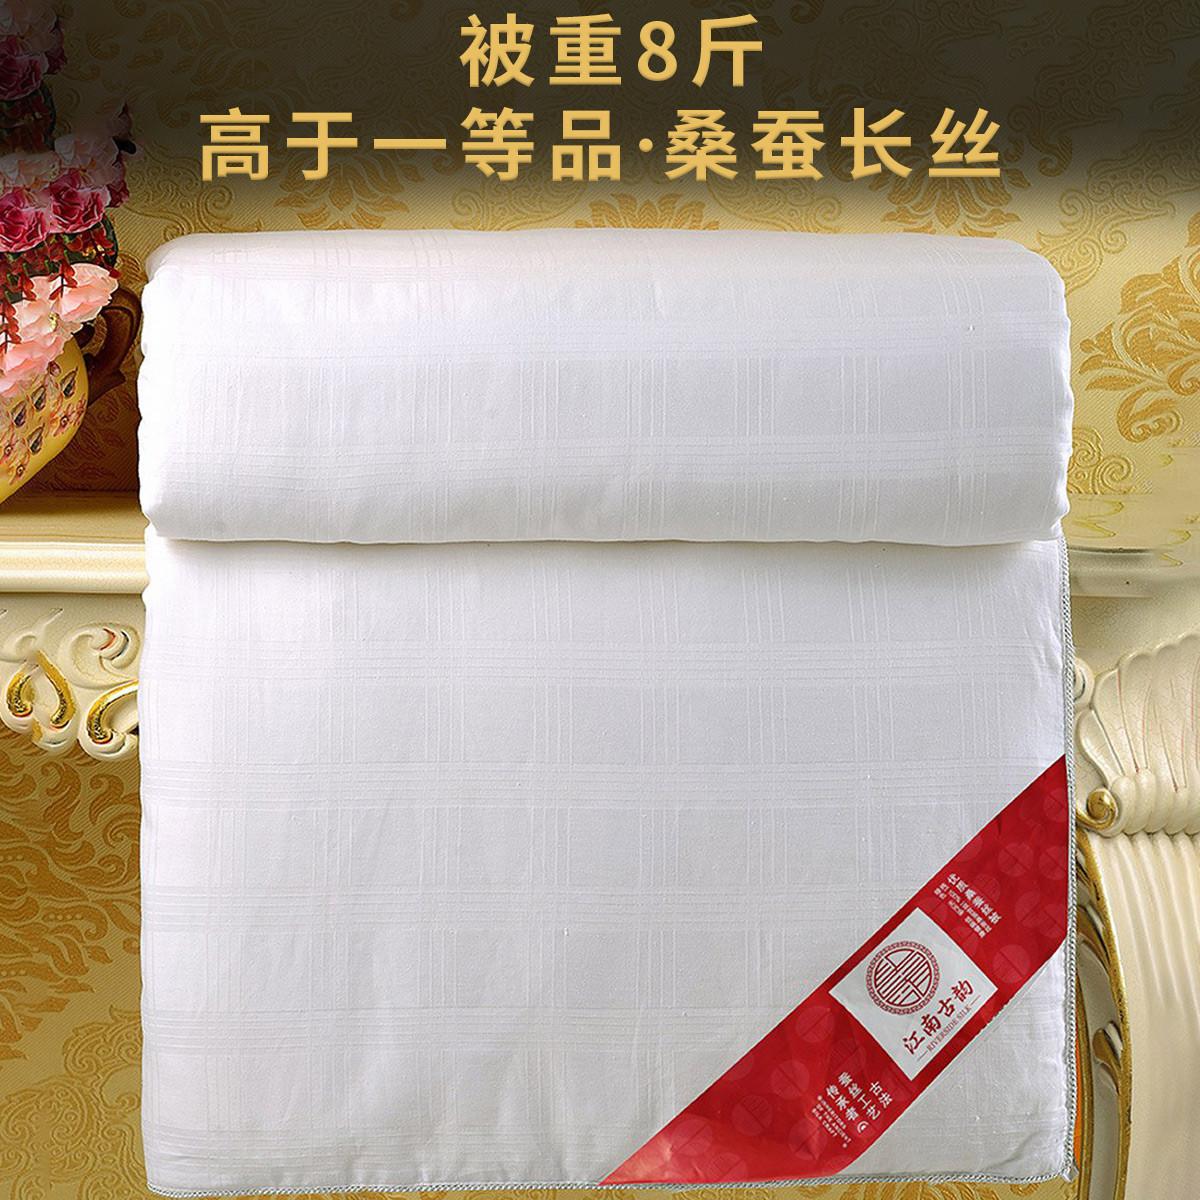 江南古韵100%桑蚕丝被重8斤纯手工拉制保用20年保暖秋冬被子被芯gstx-6